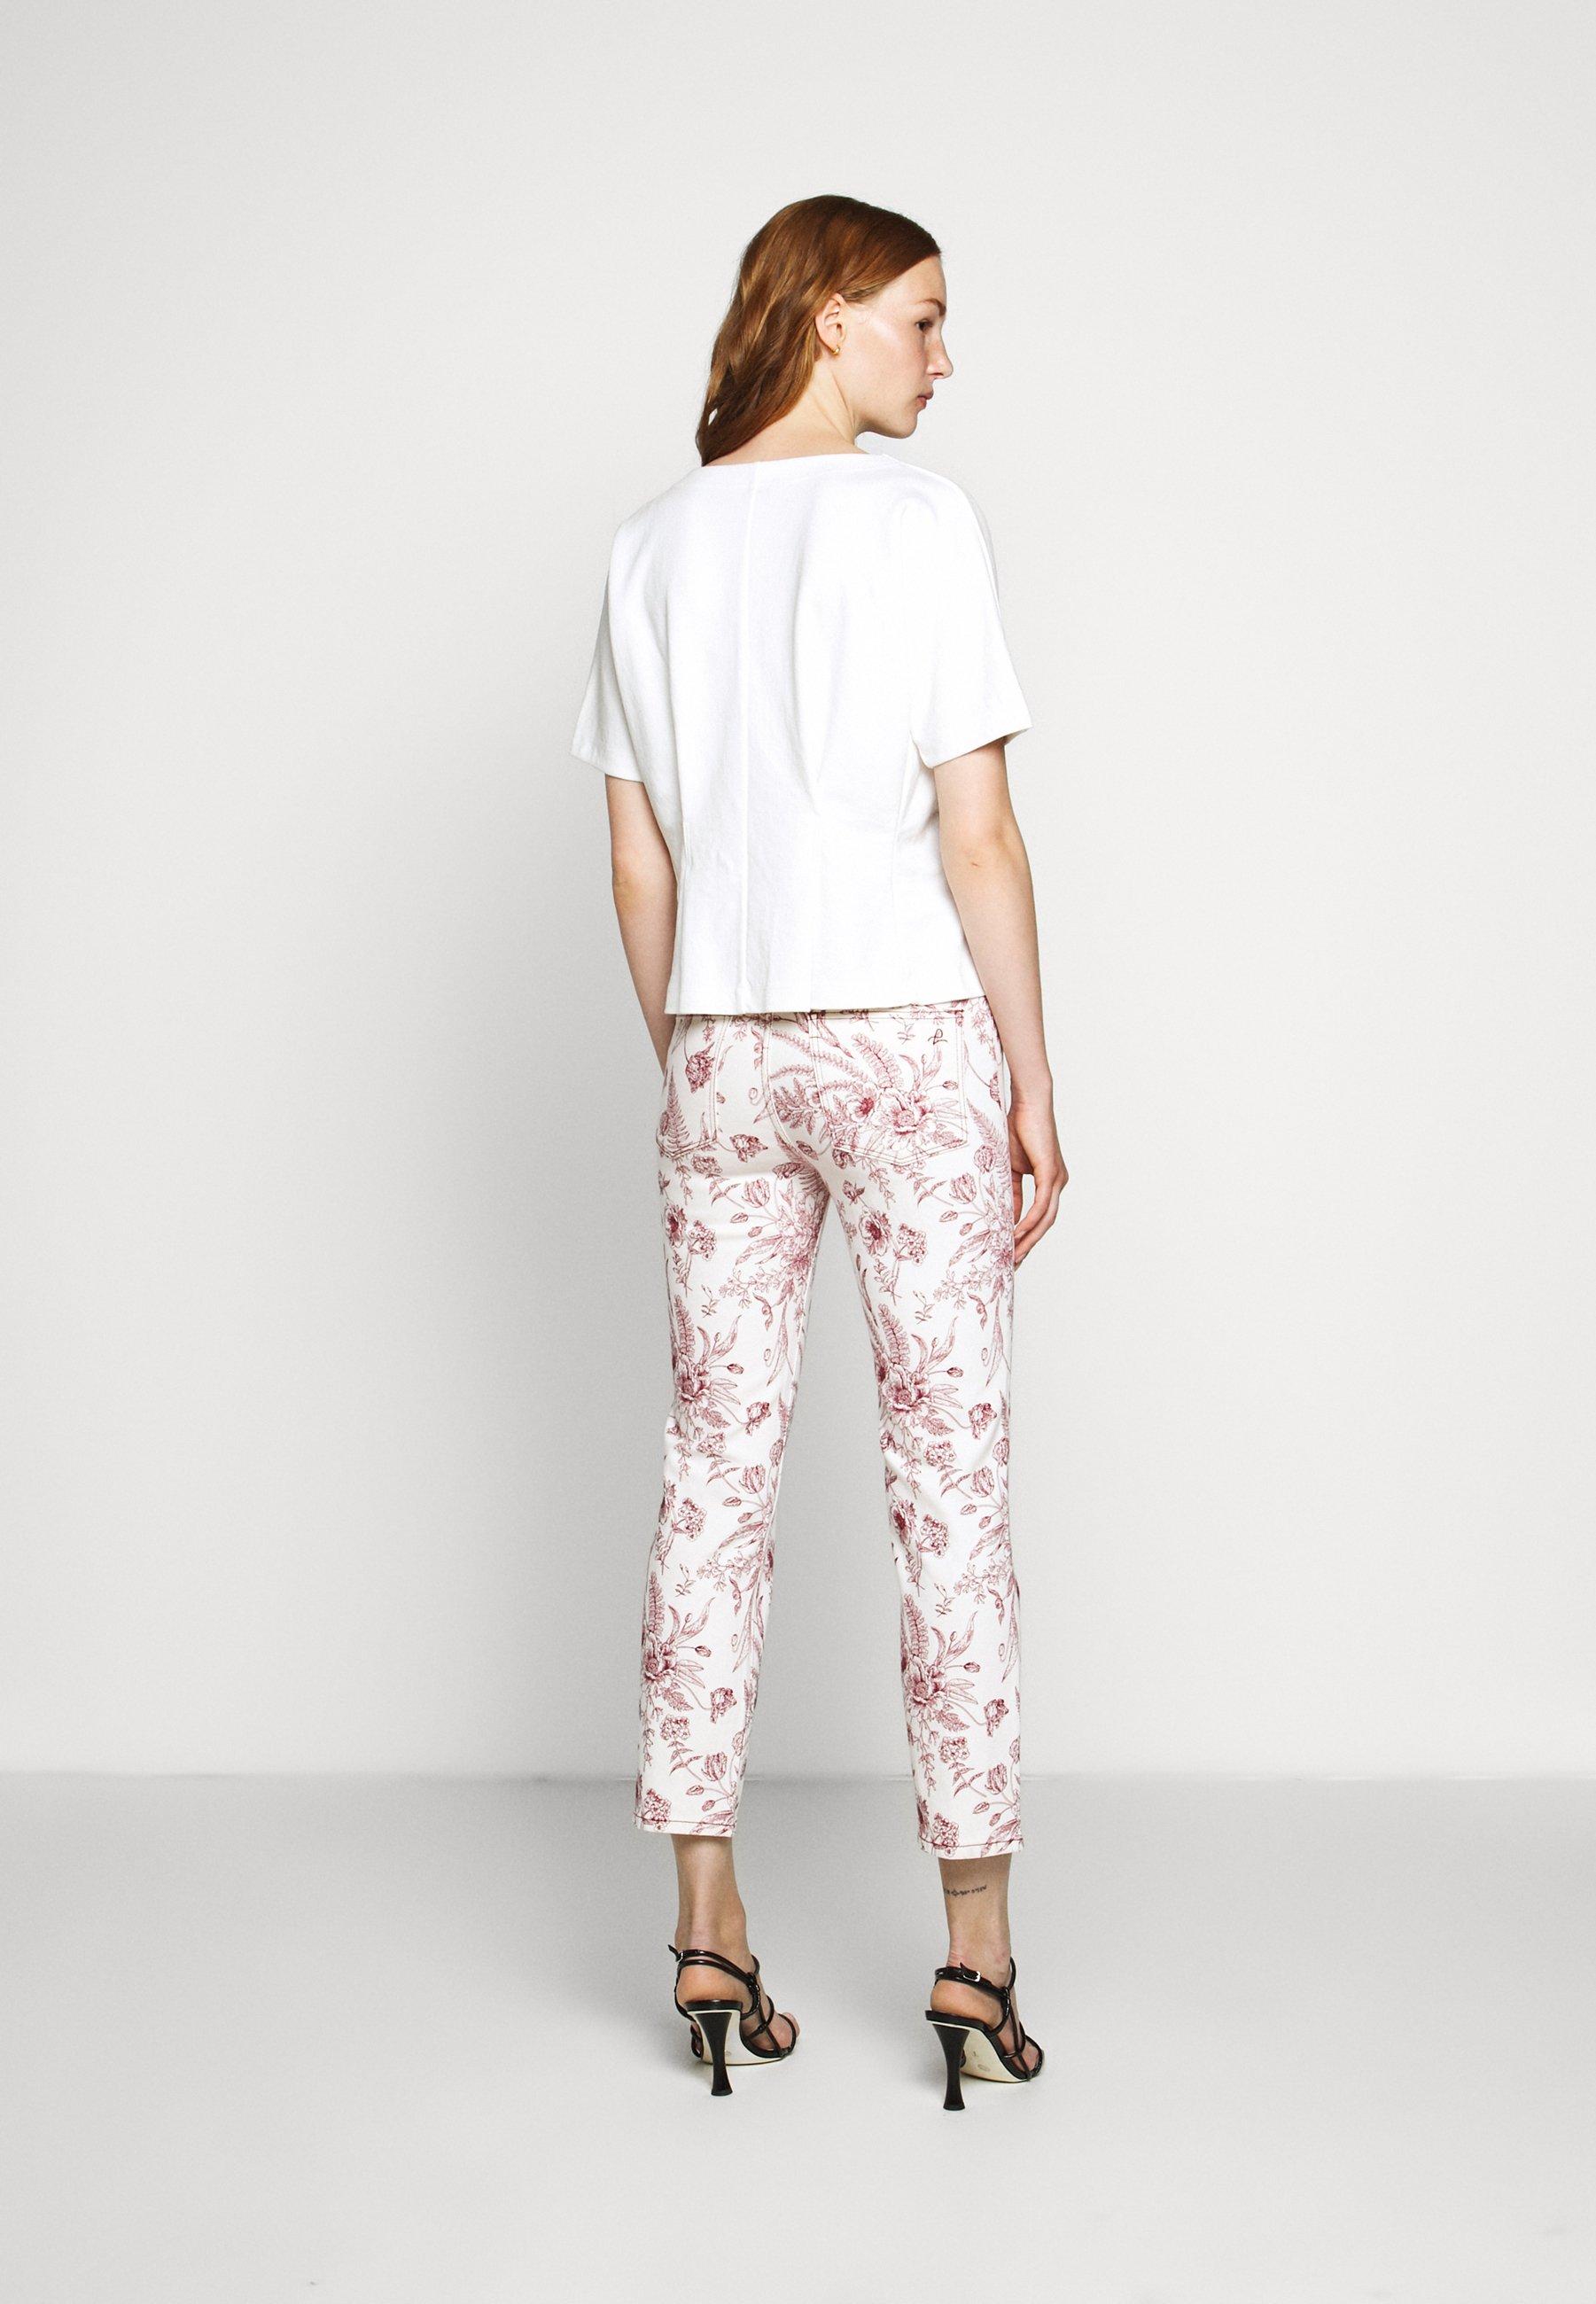 Classic Women's Clothing Club Monaco BOX PLEAT Print T-shirt cloud Ki3mdcT1y